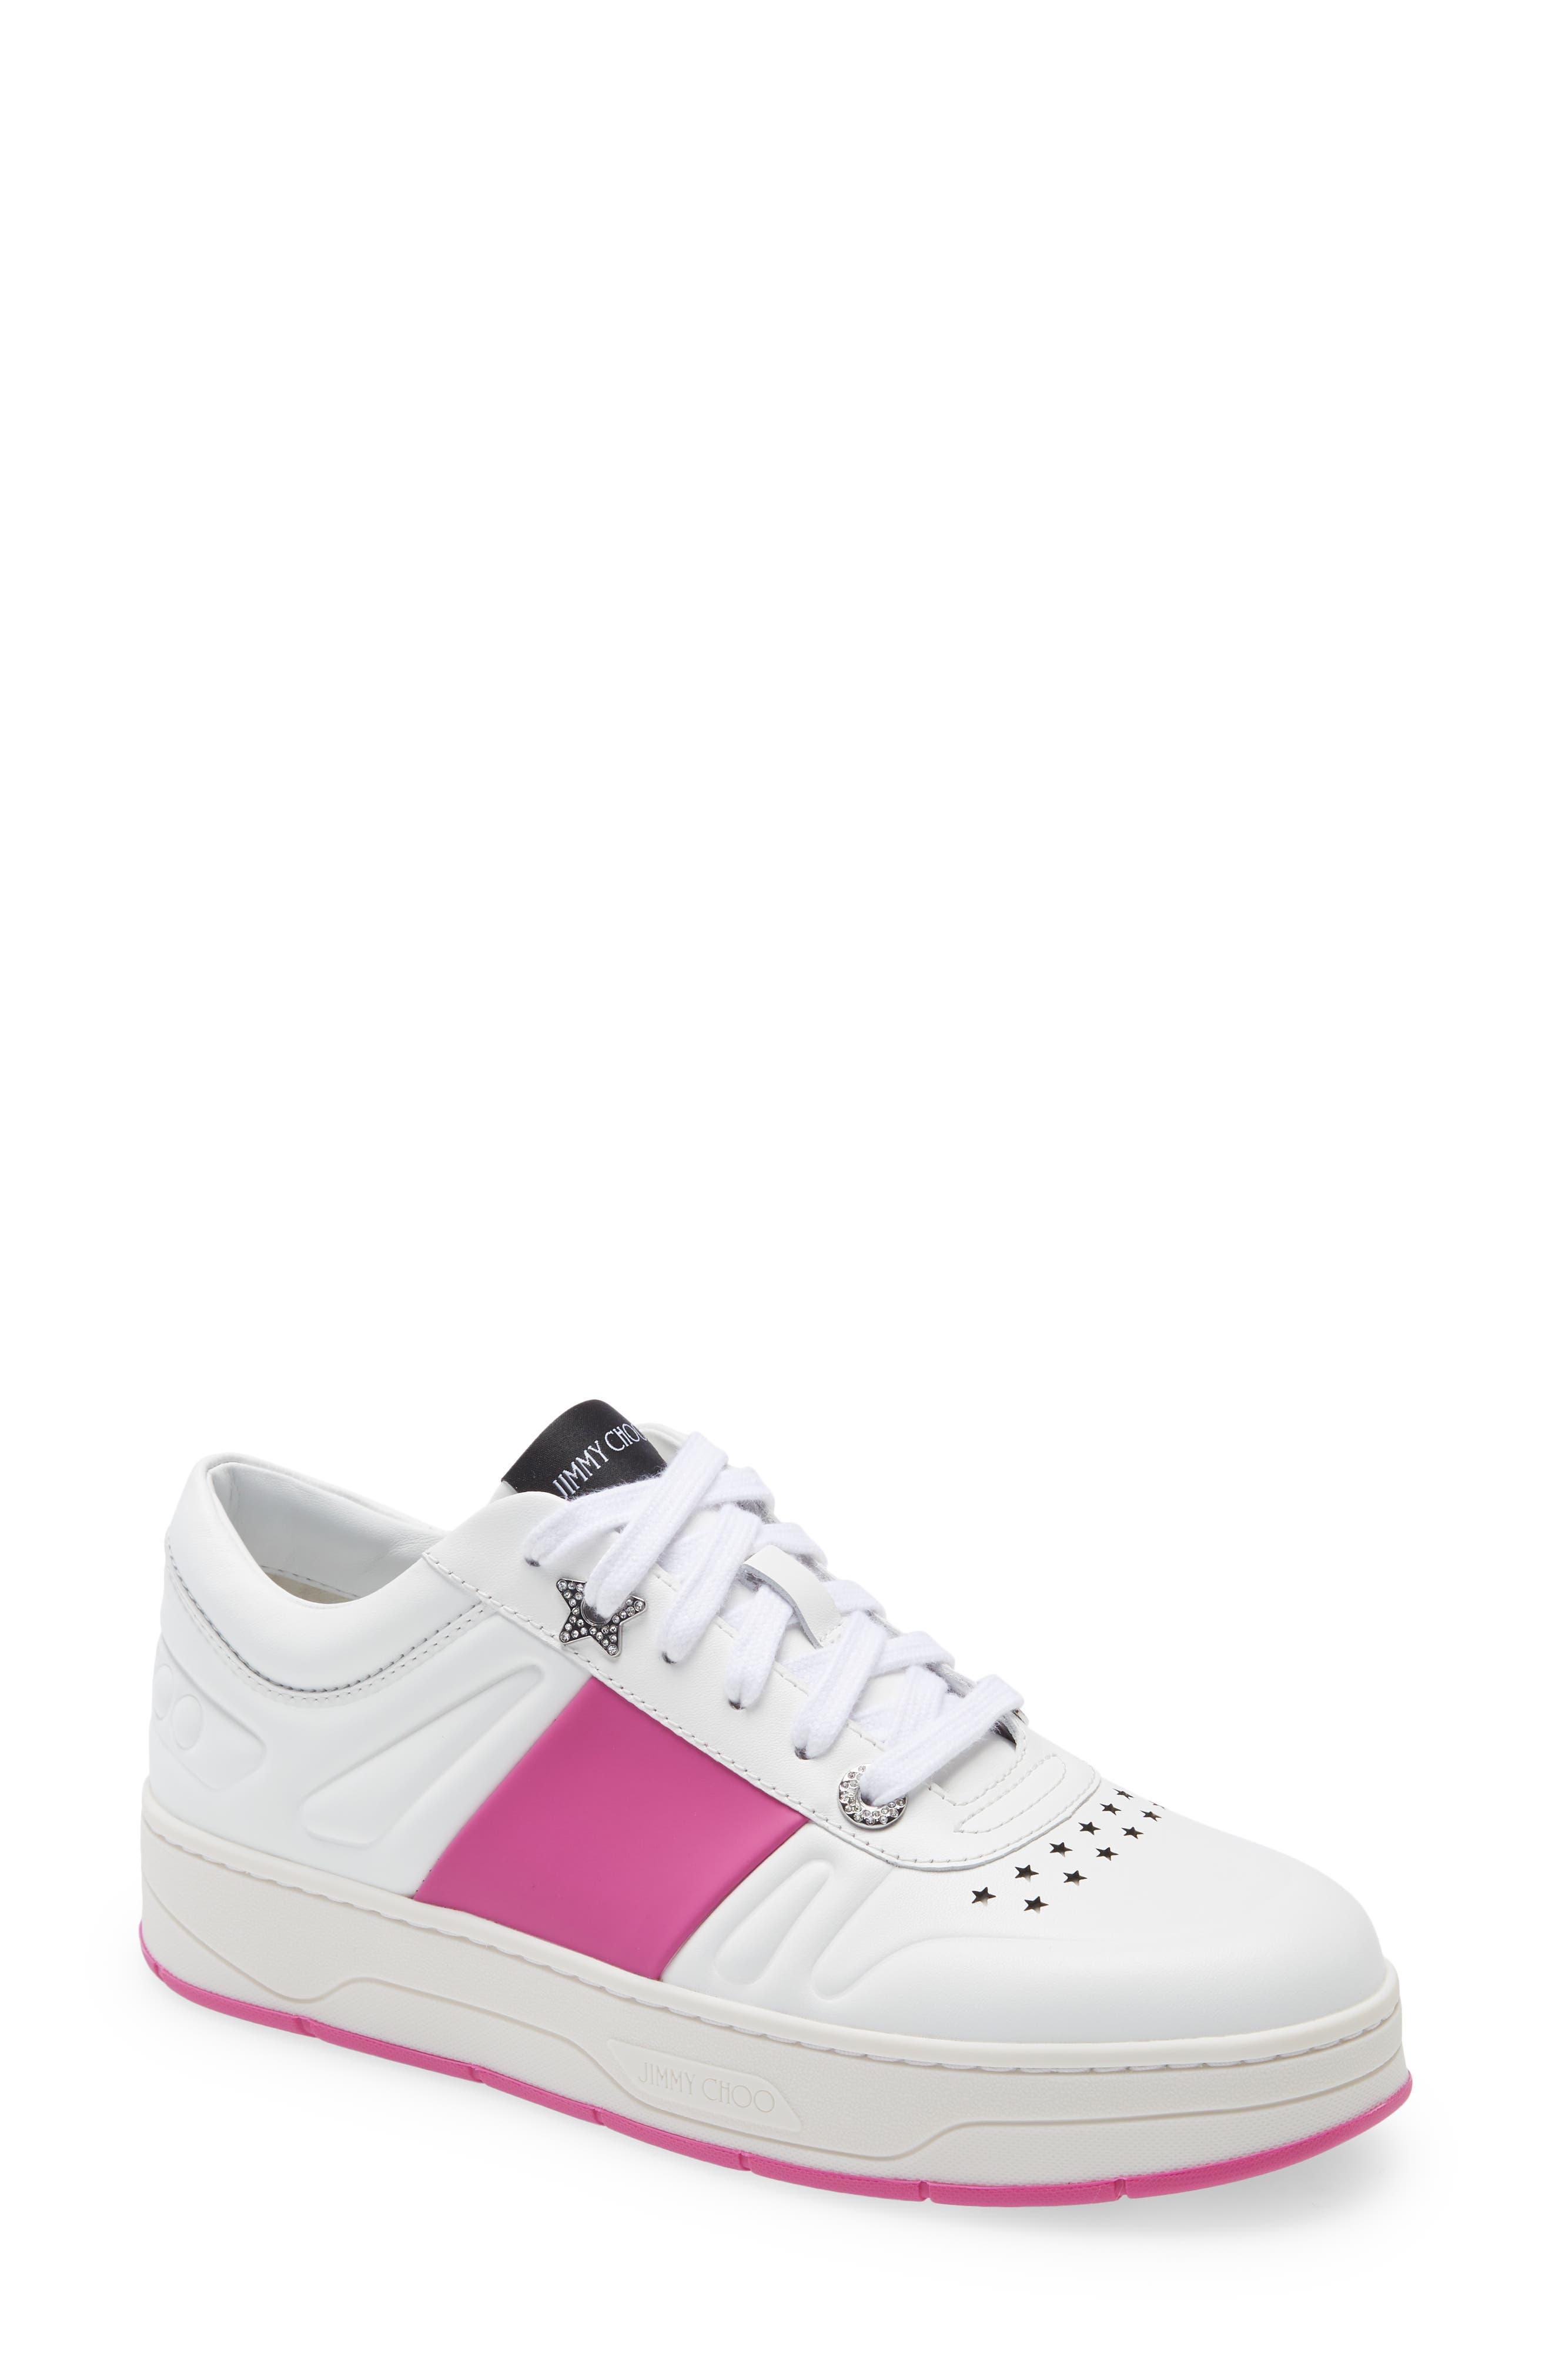 Women's Jimmy Choo Hawaii Platform Sneaker